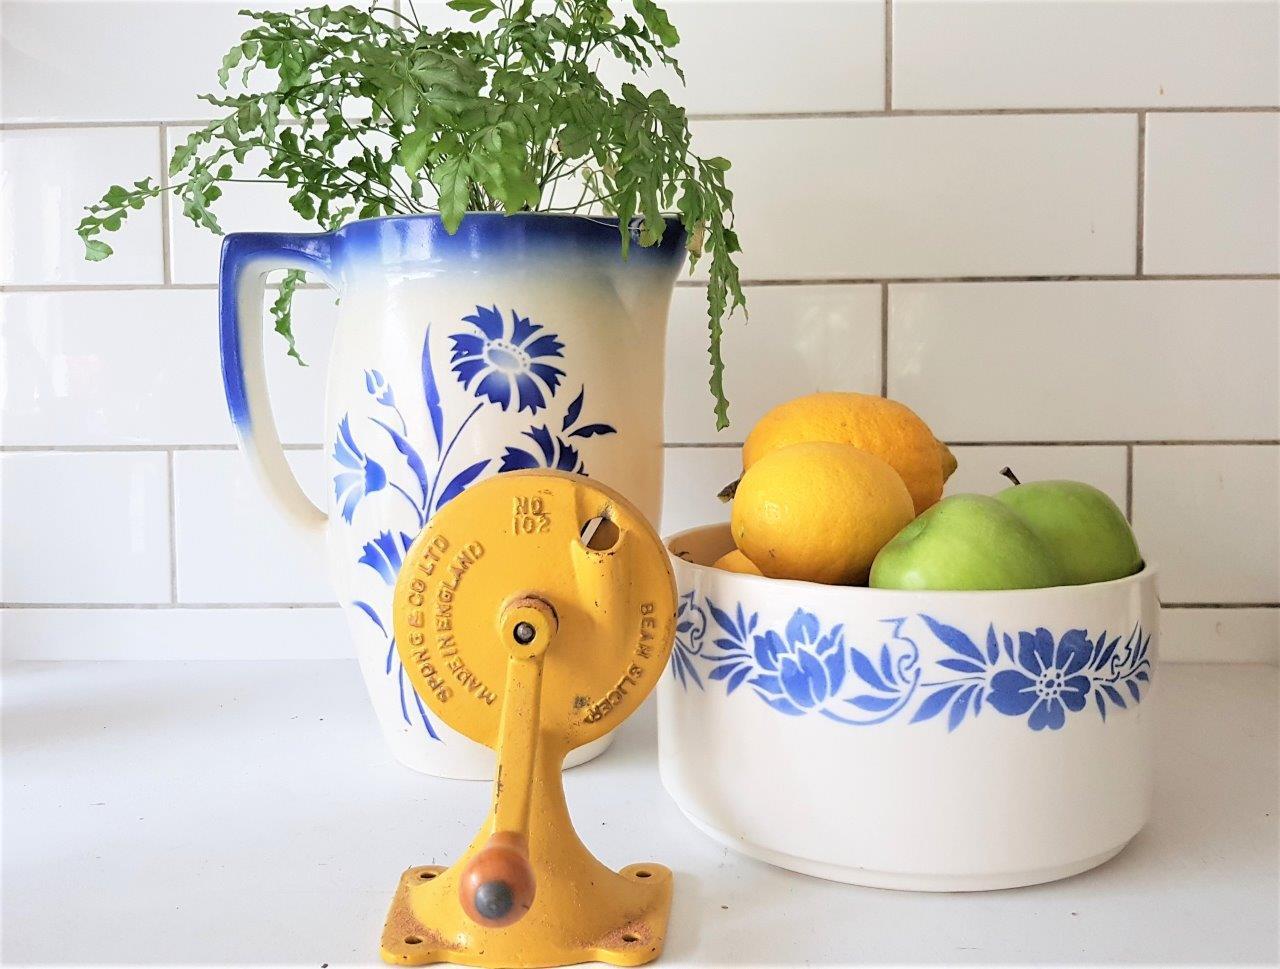 כלי קרמיקה לבן עם פרחים כחולים